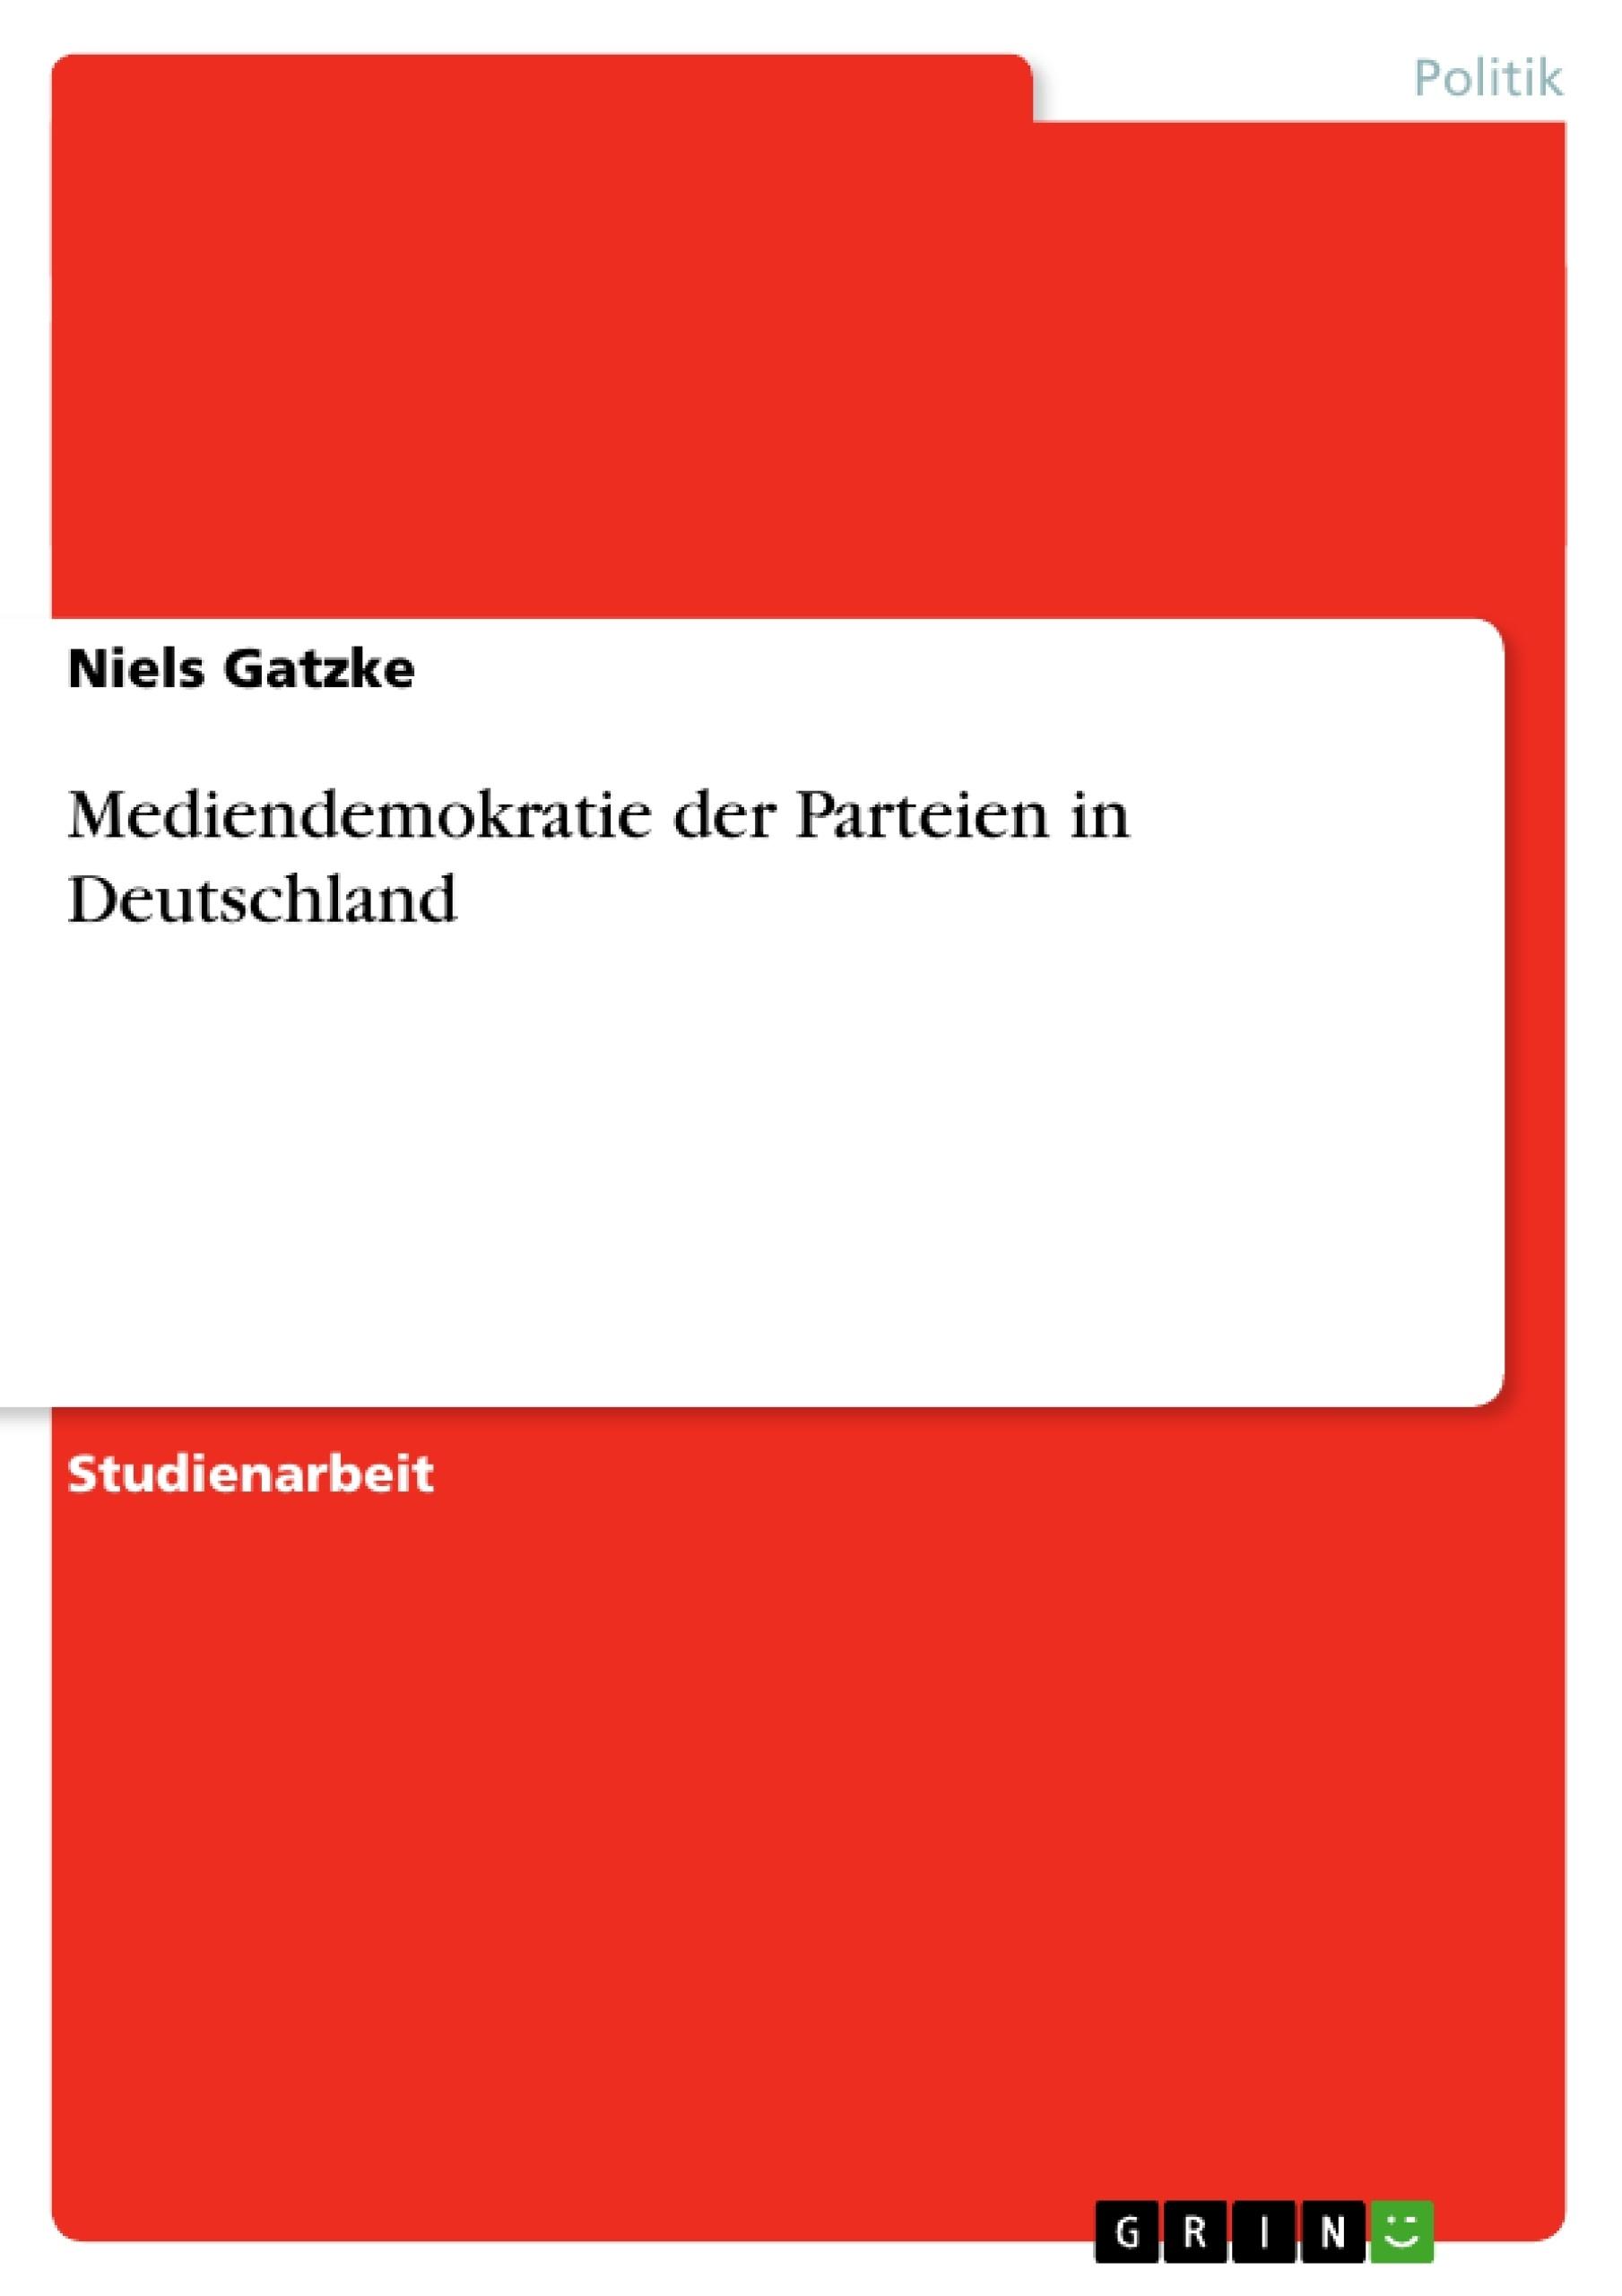 Titel: Mediendemokratie der Parteien in Deutschland